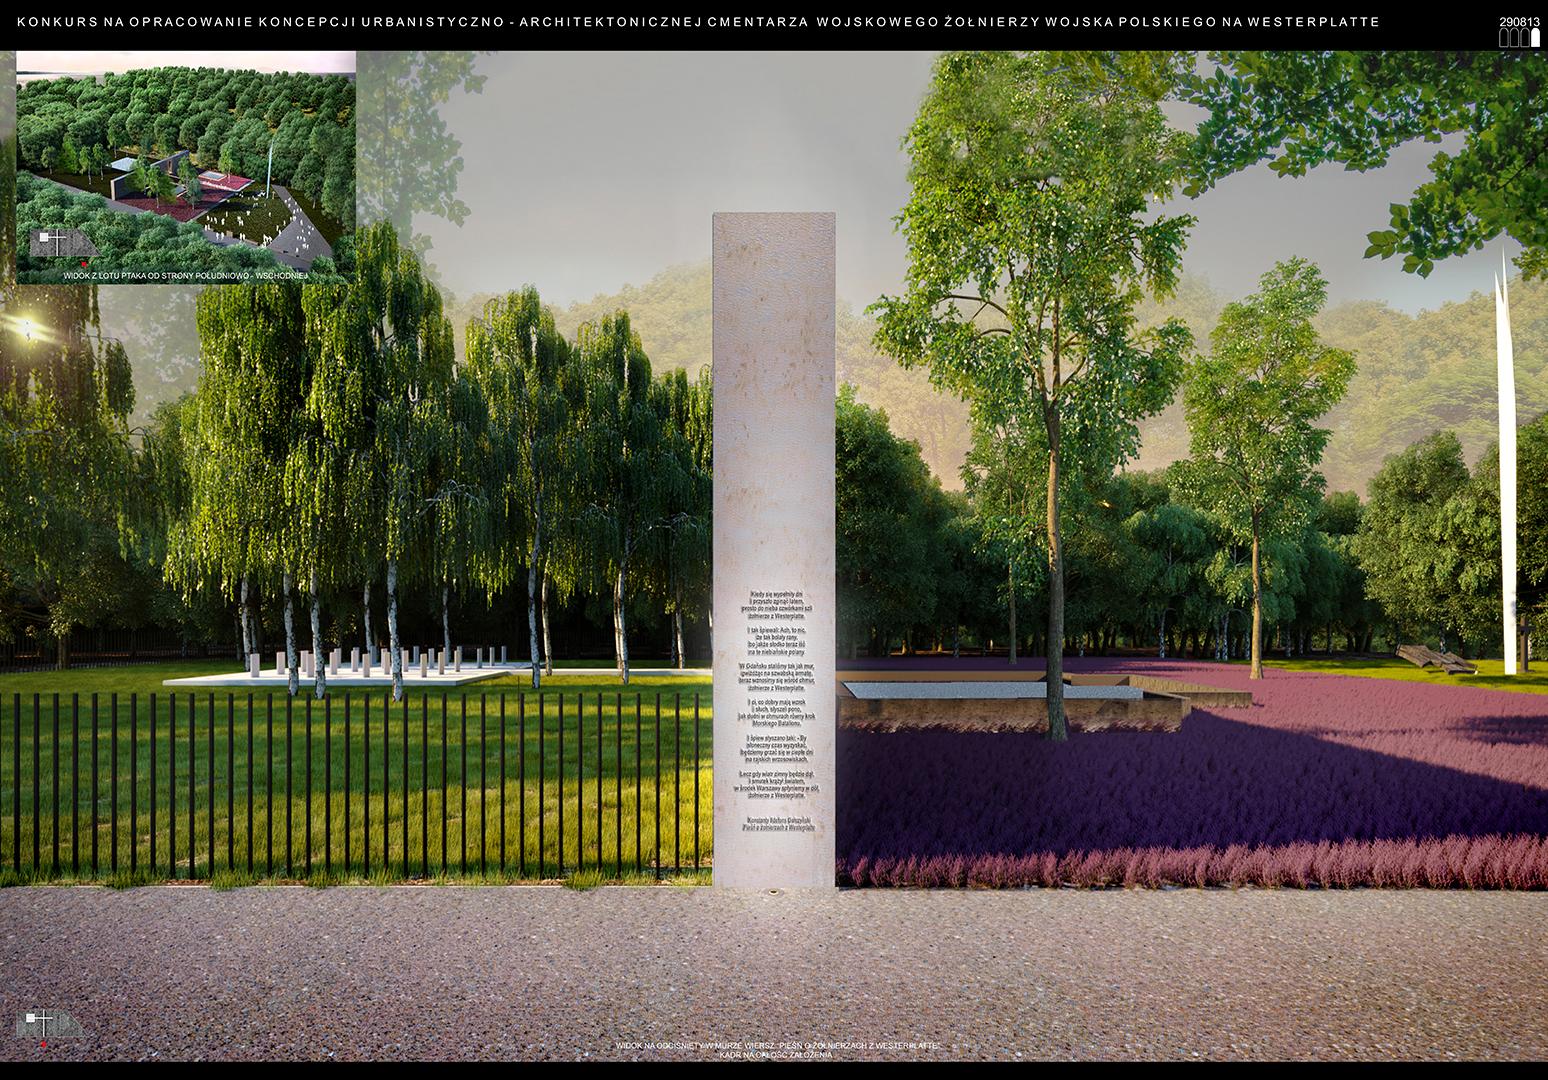 Cmentarz Wojskowy - wizualizacja 2